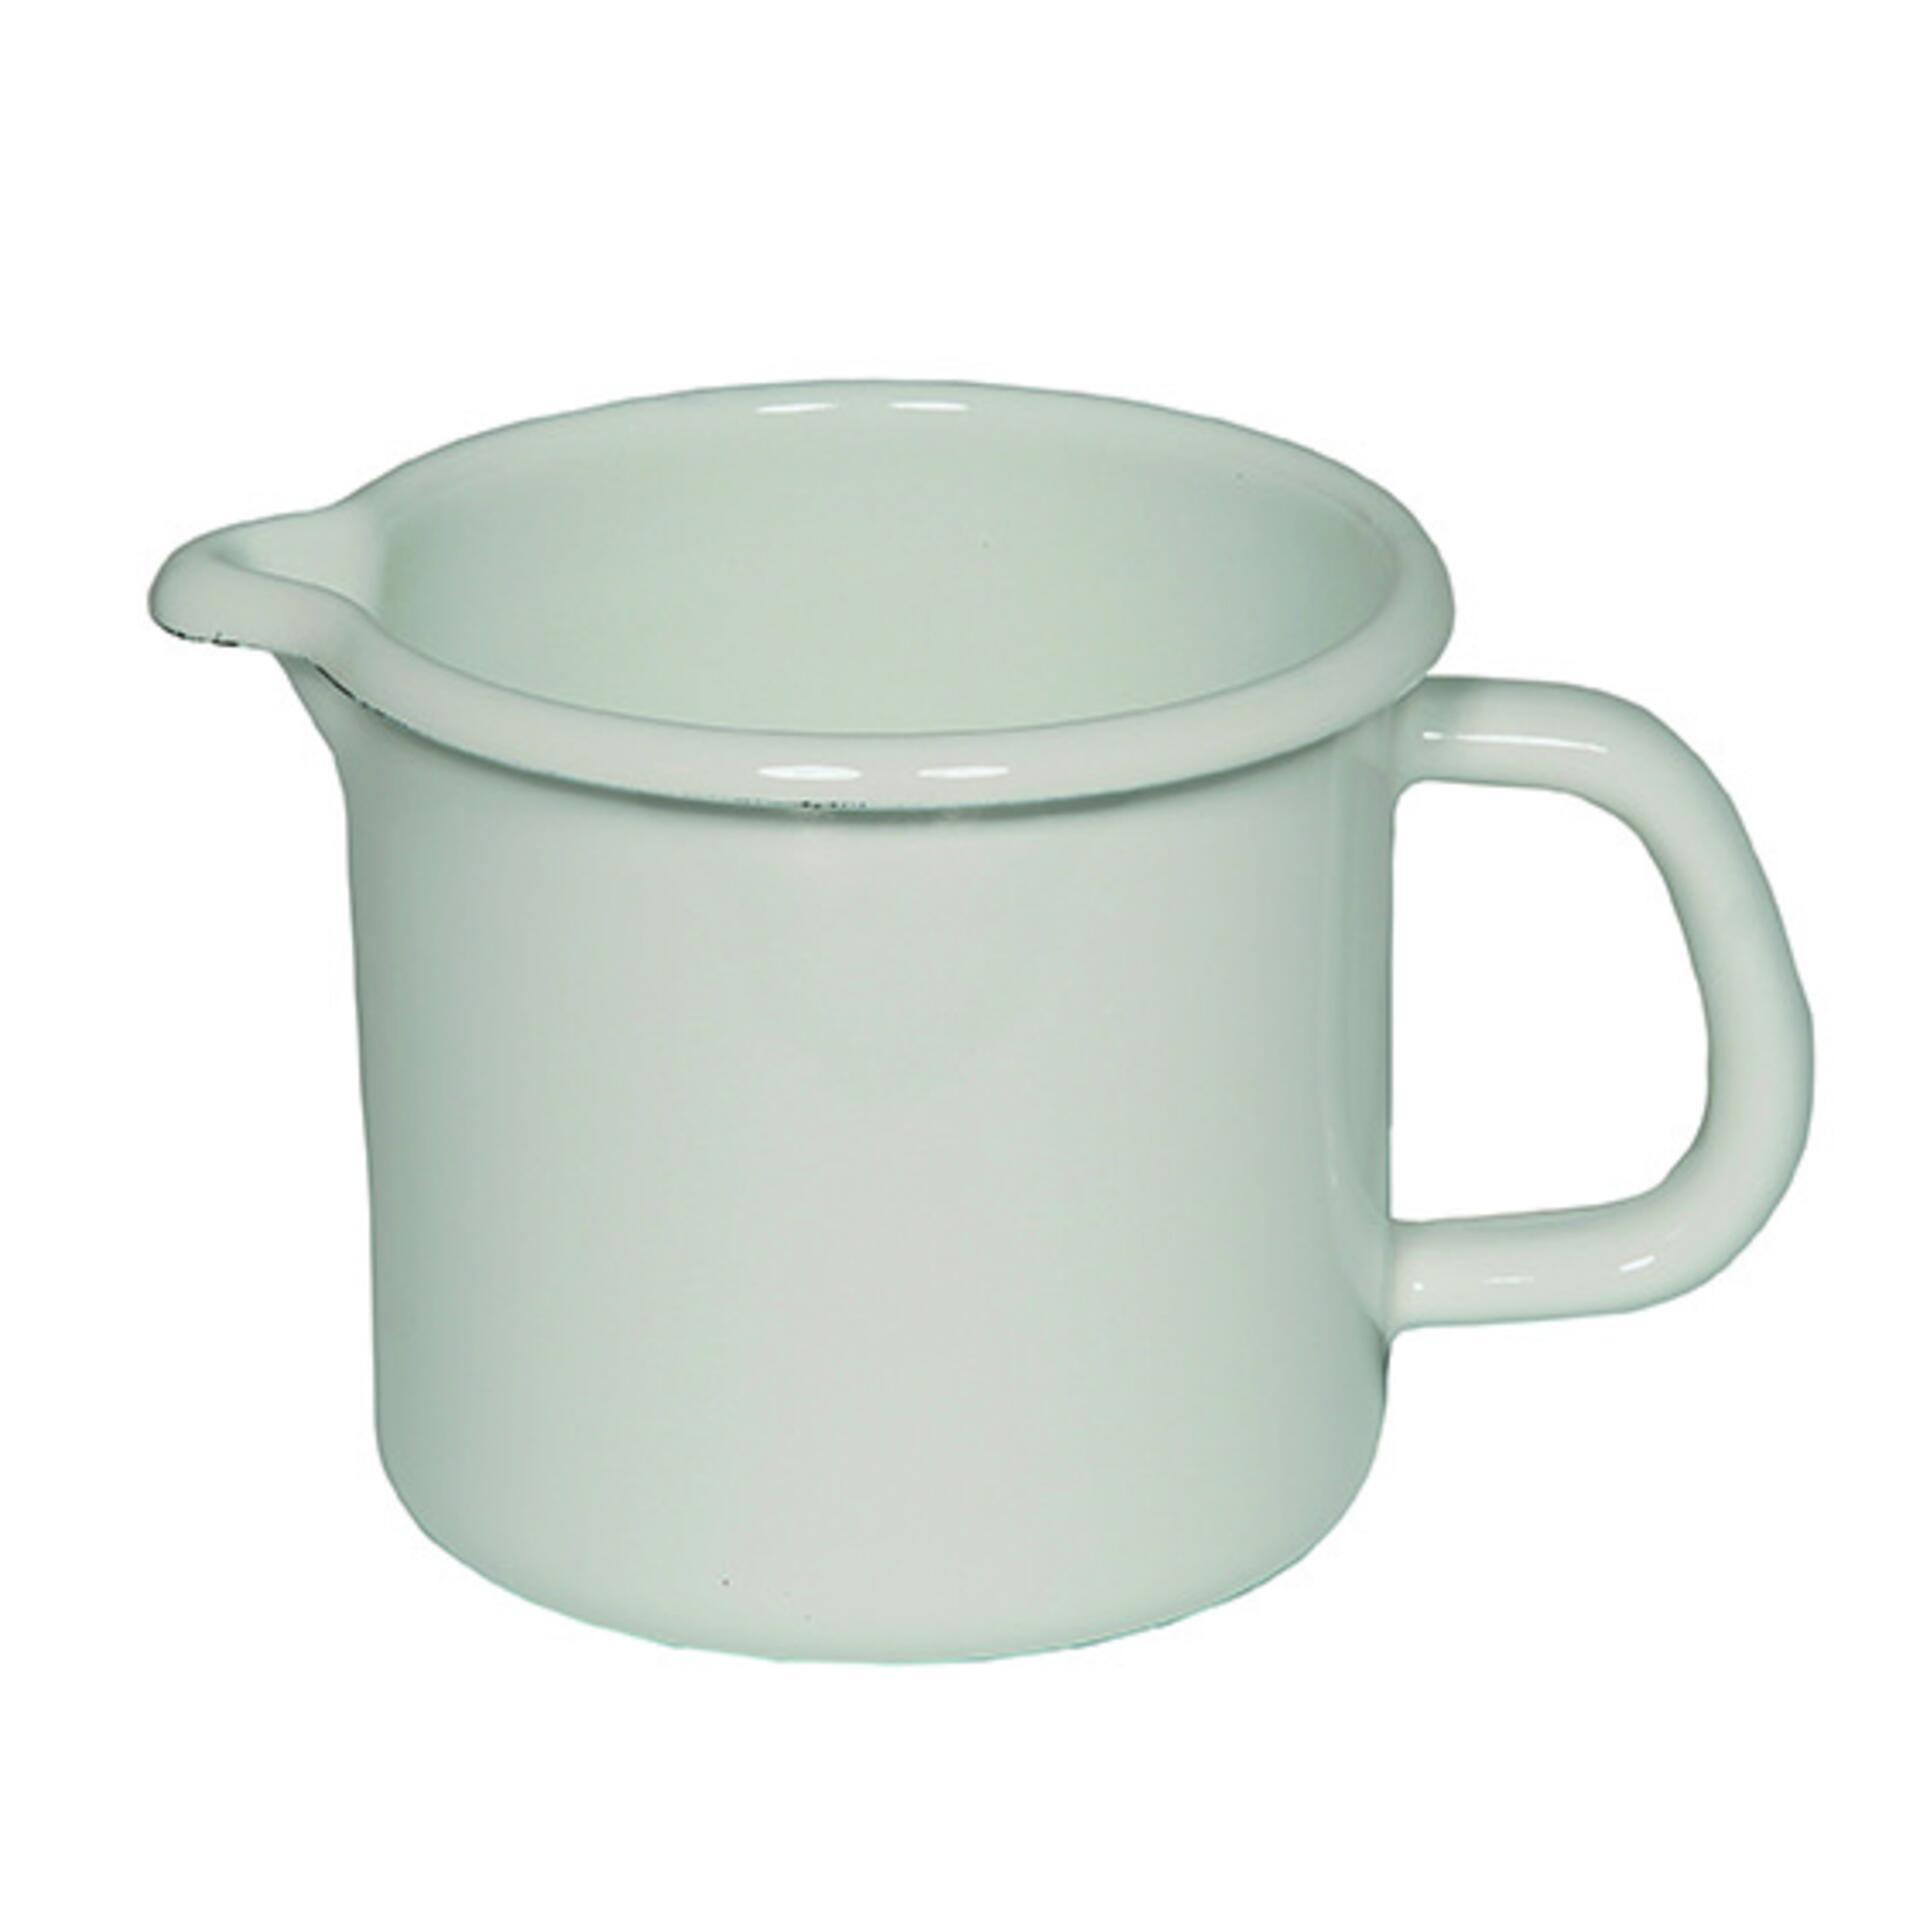 Riess Schnabeltopf 2,0 Liter Weiss